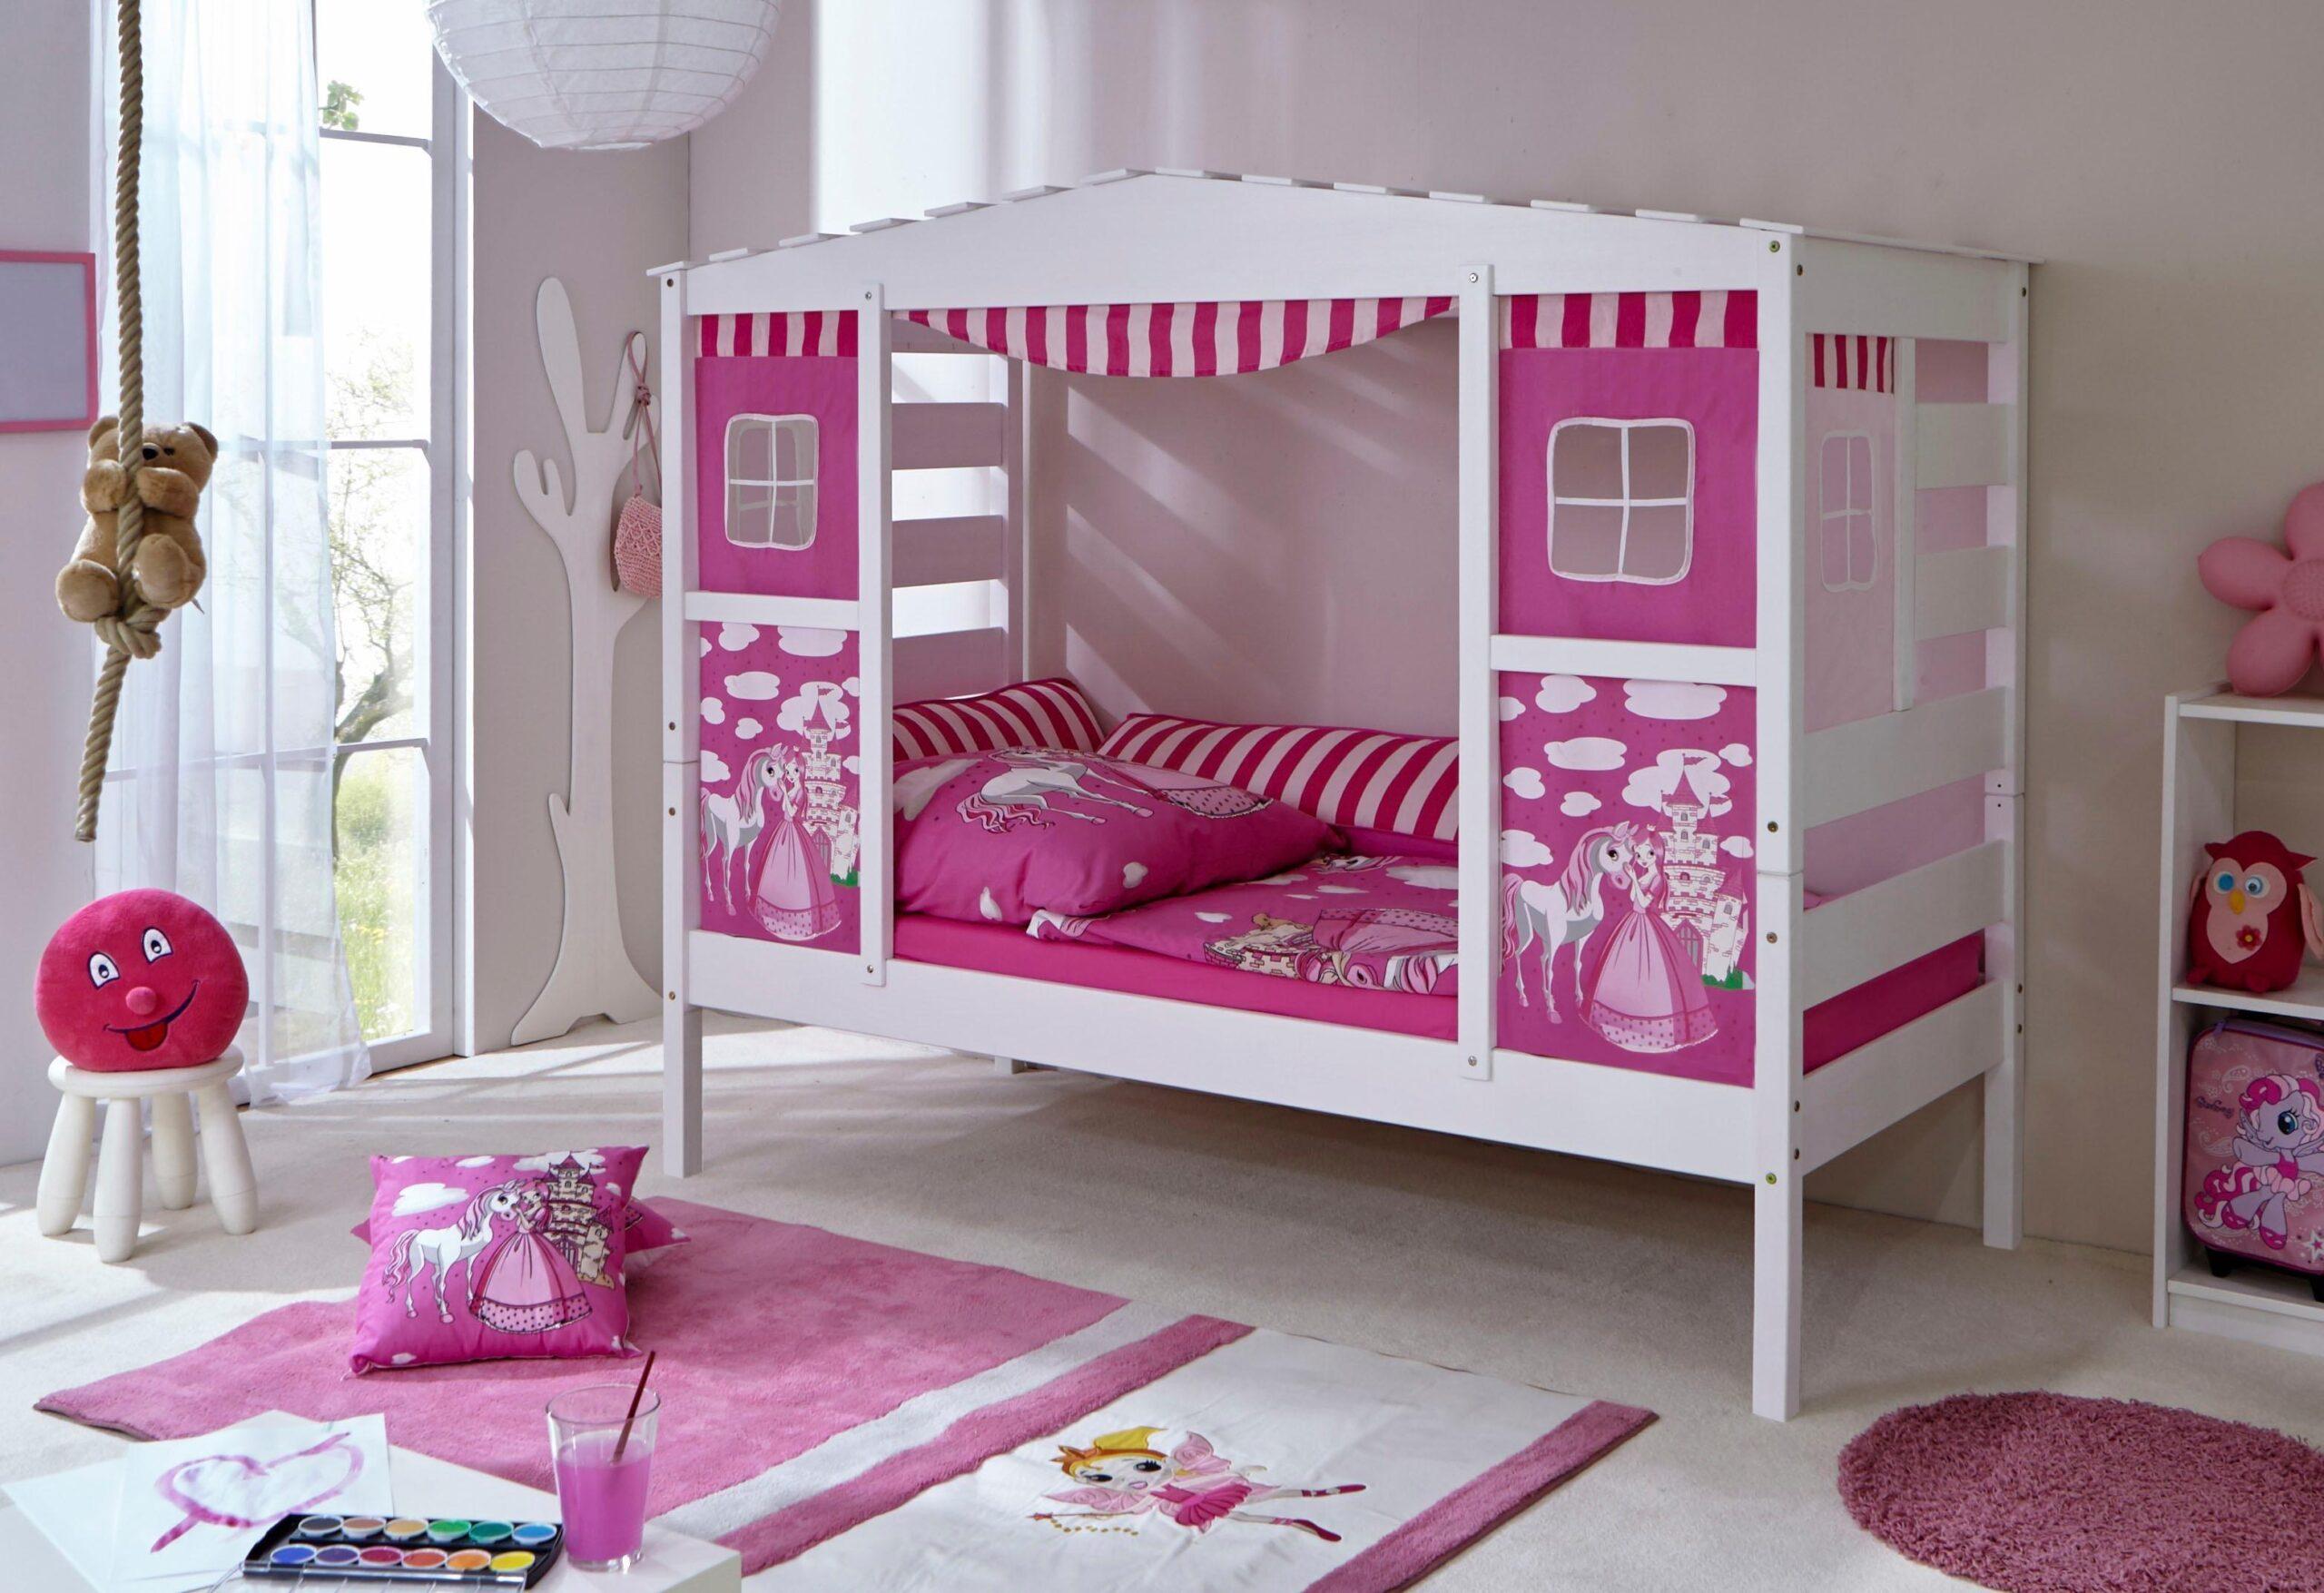 Full Size of Kinderbett Mädchen 90x200 Bett Kiefer Mit Lattenrost Betten Weiß Schubladen Und Matratze Bettkasten Weißes Wohnzimmer Kinderbett Mädchen 90x200